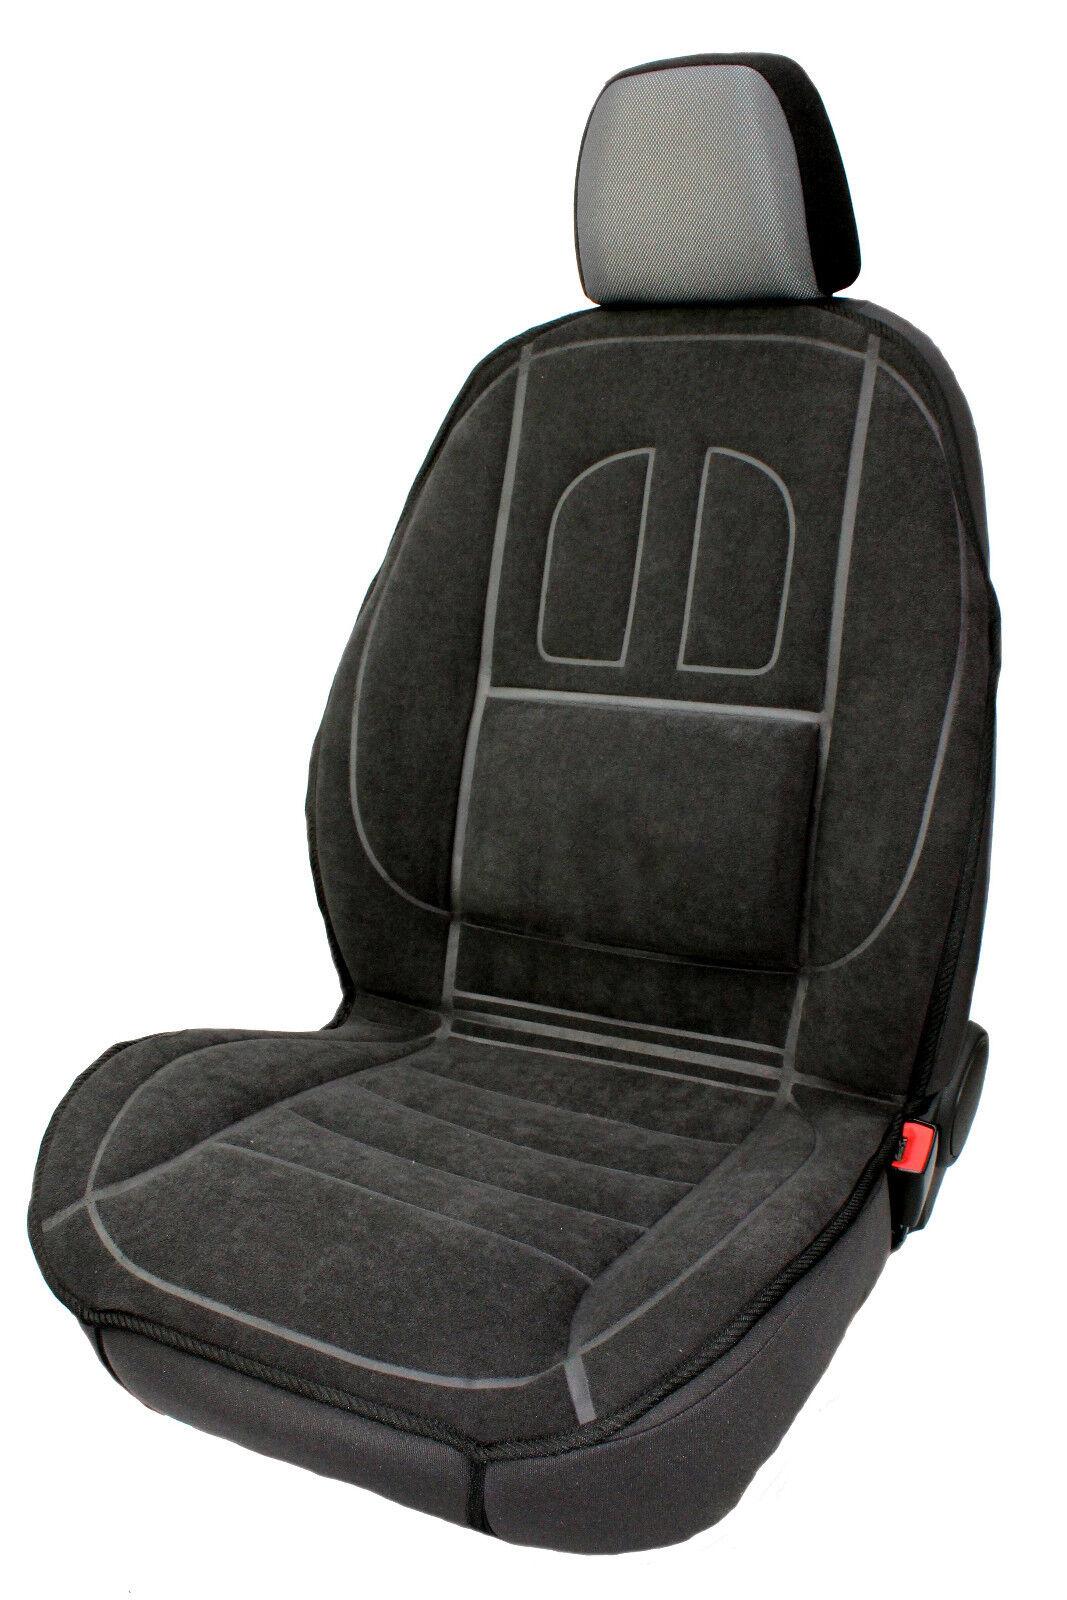 Für Mitsubishi ASX Beheizbarer Sitzaufleger Sitzauflage Sitzheizung Riga